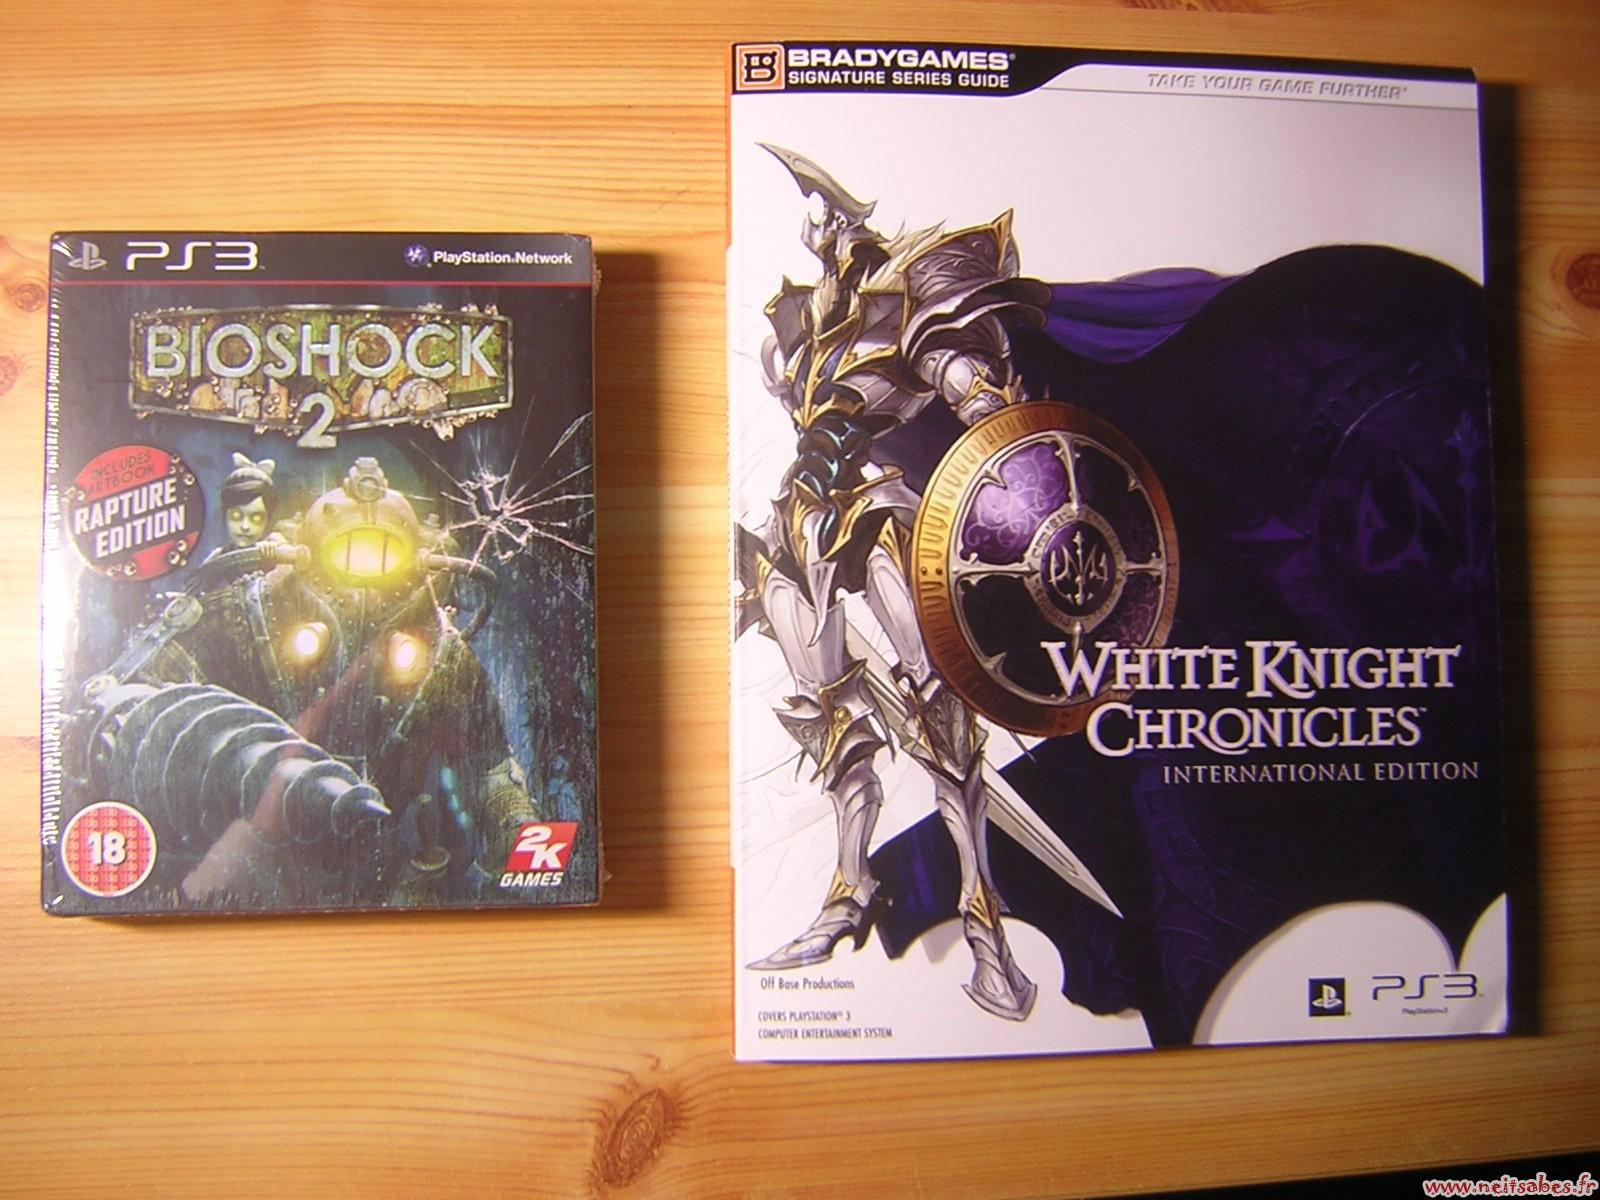 C'est arrivé ! - Bioshock 2 Rapture Edition & Guide White Knight CHronicles (PS3)